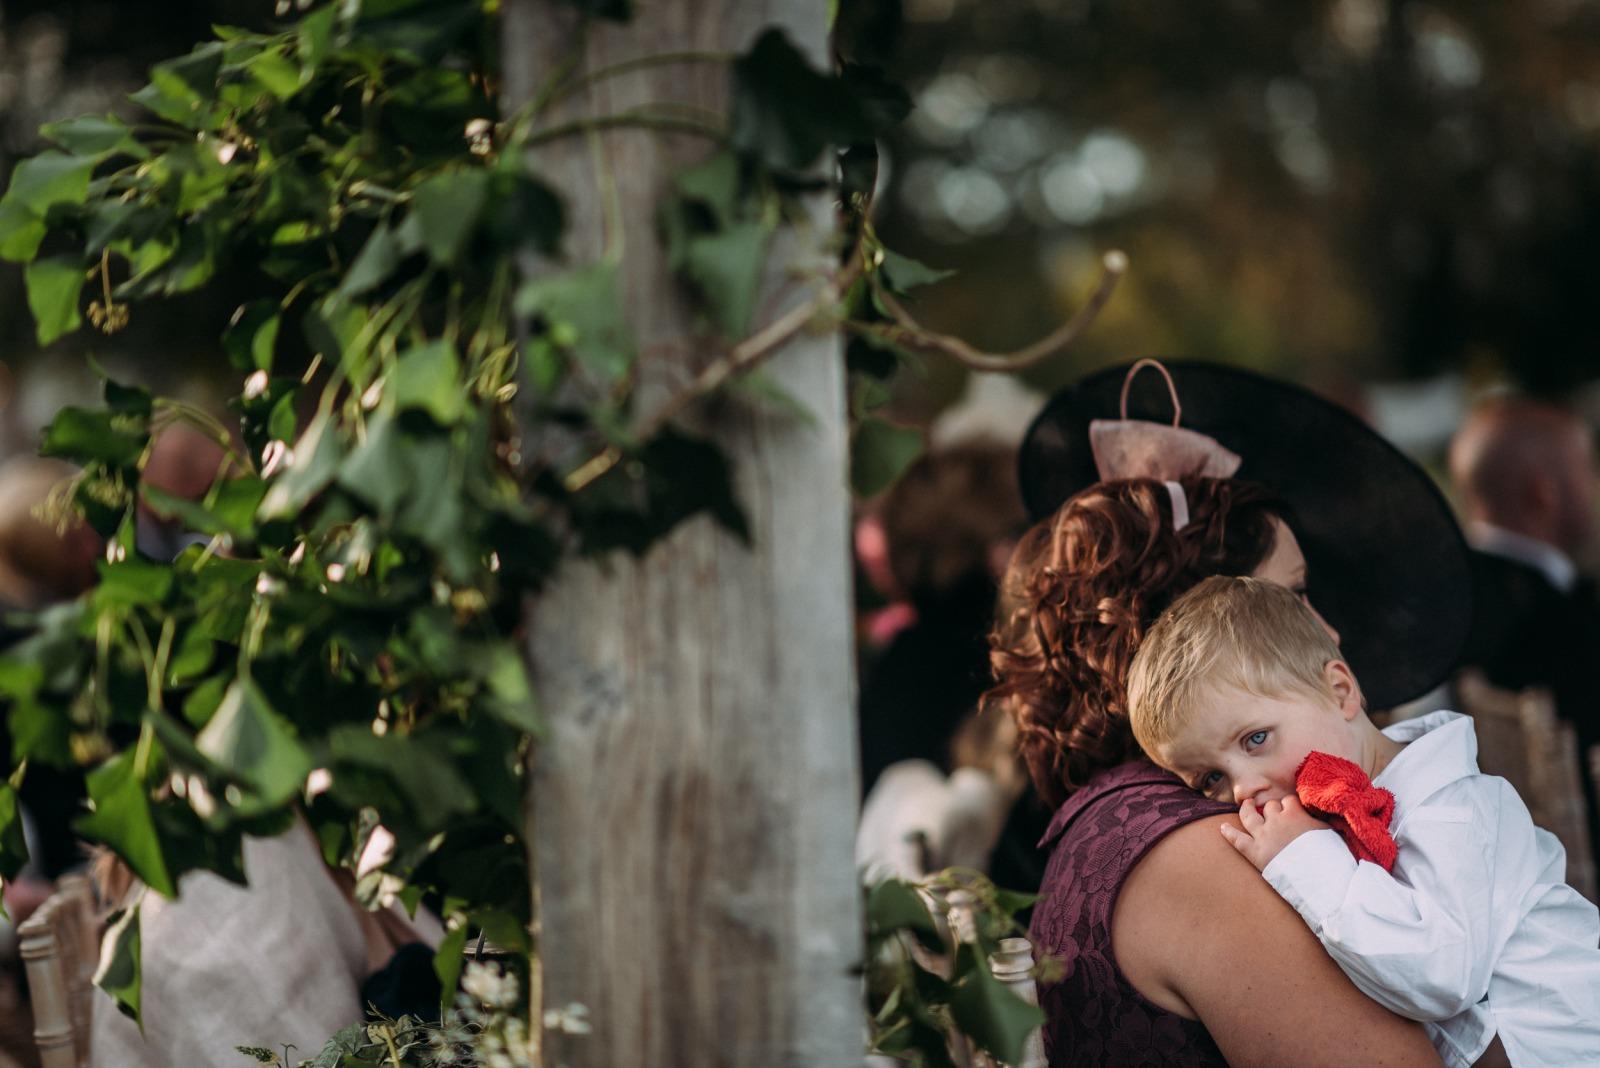 highward-house-wedding-287-of-372